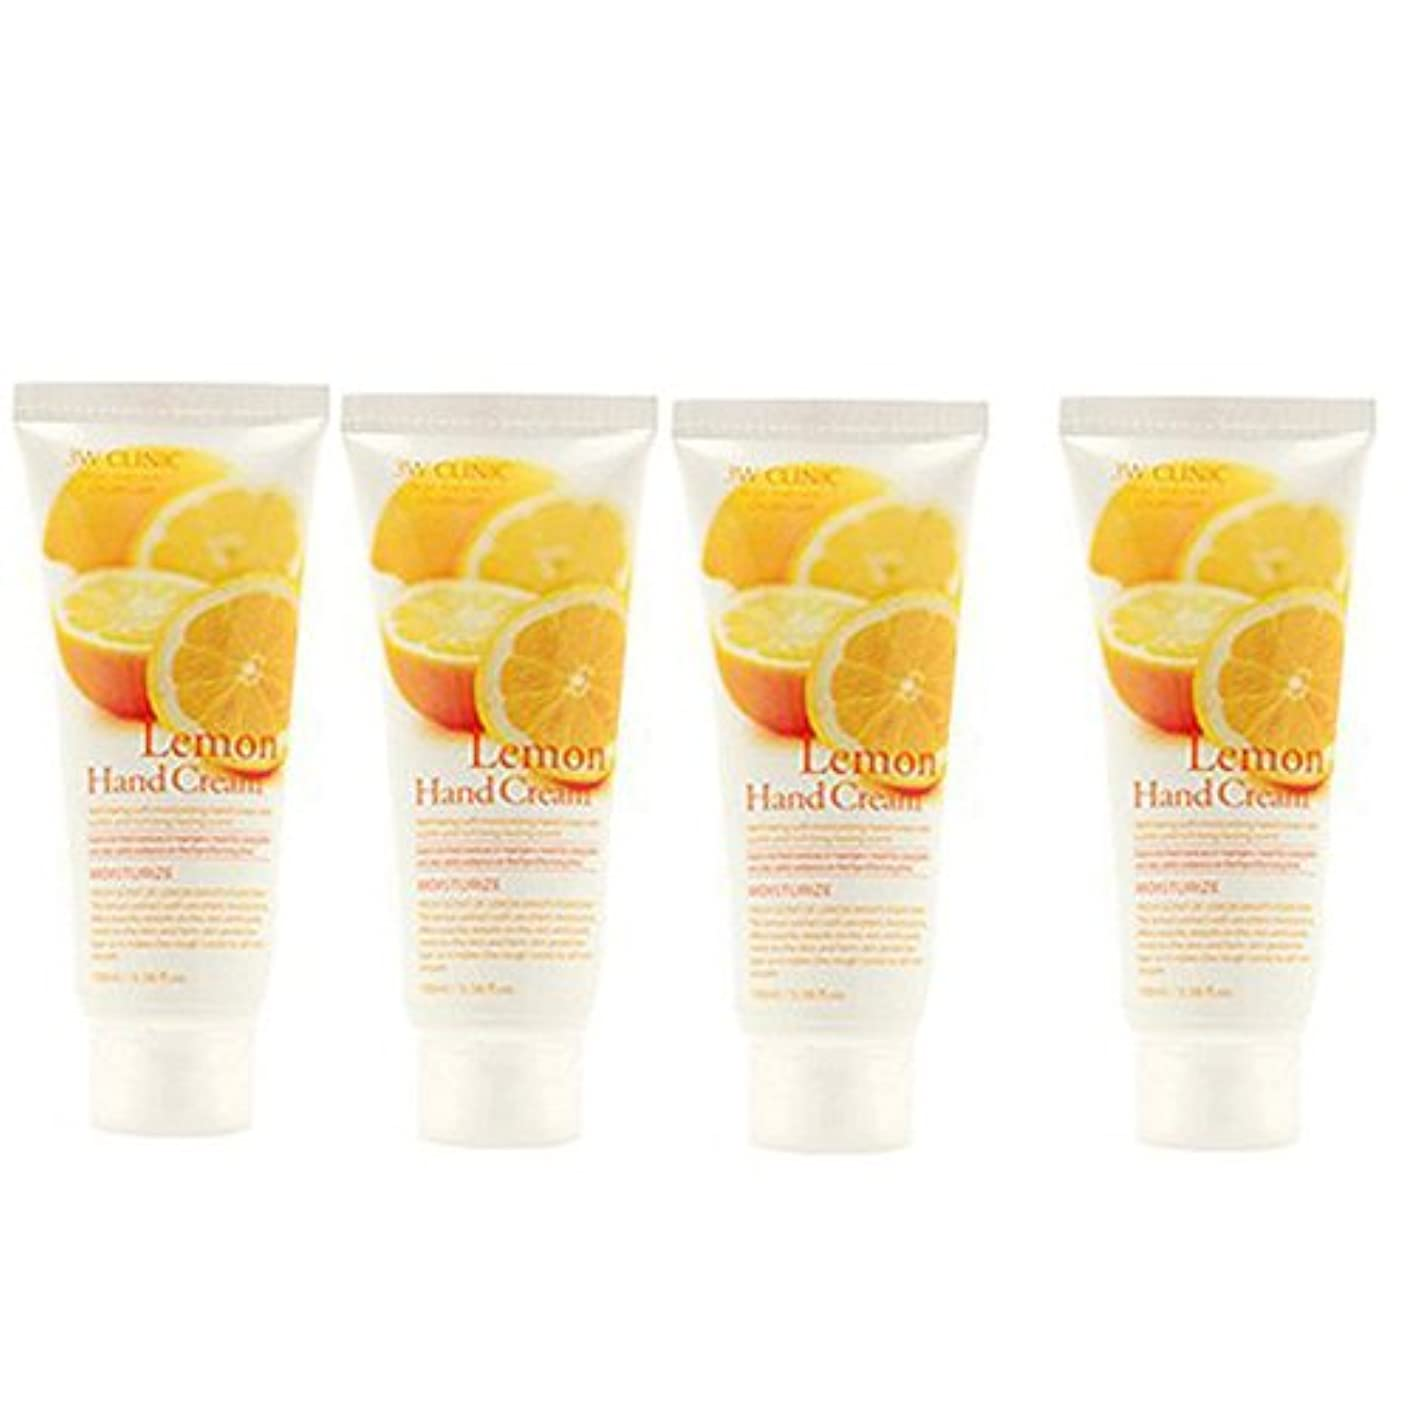 うがい規則性コード3w Clinic[韓国コスメARRAHAN]Moisturizing Lemon Hand Cream モイスチャーリングレモンハンドクリーム100mlX4個 [並行輸入品]